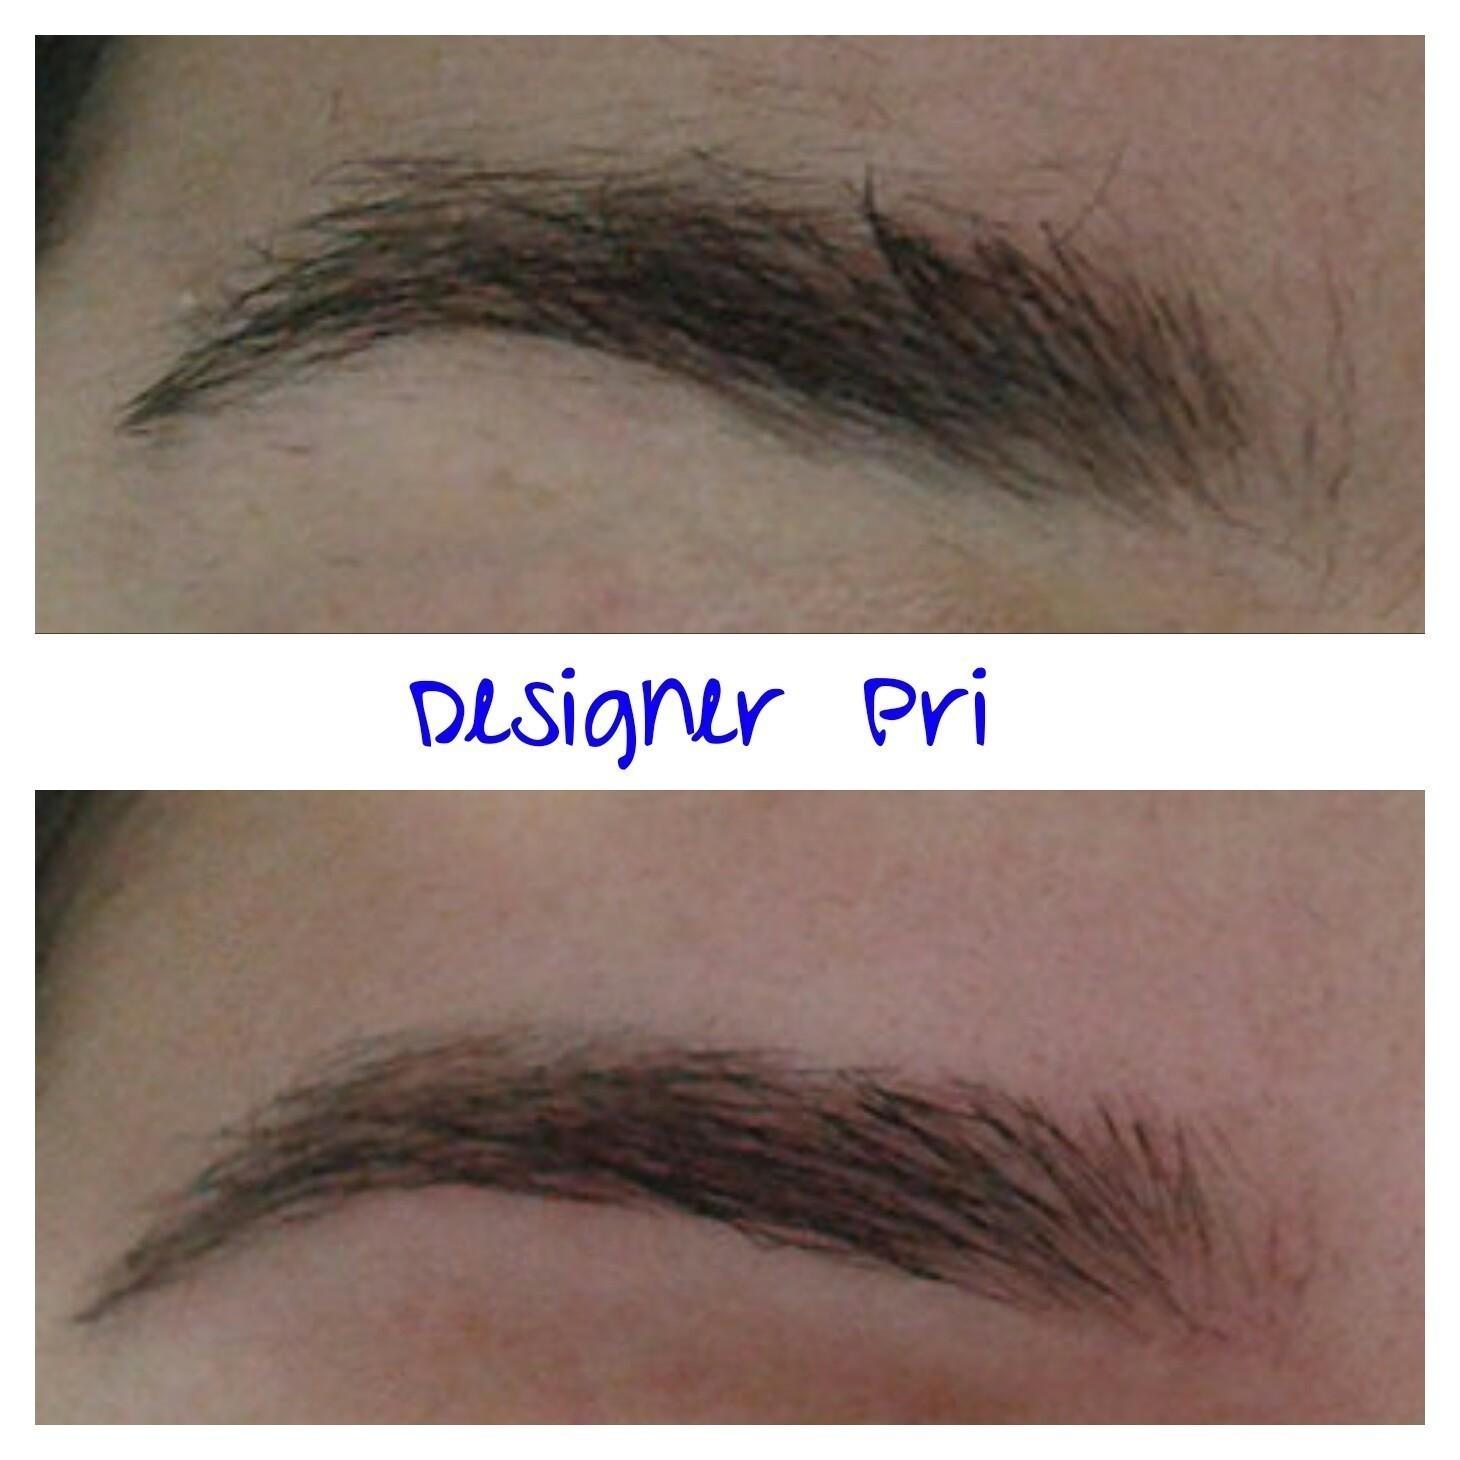 Corrigindo a sobrancelha e fazendo designer, mantendo a sobrancelha natural.  outros designer de sobrancelhas depilador(a)